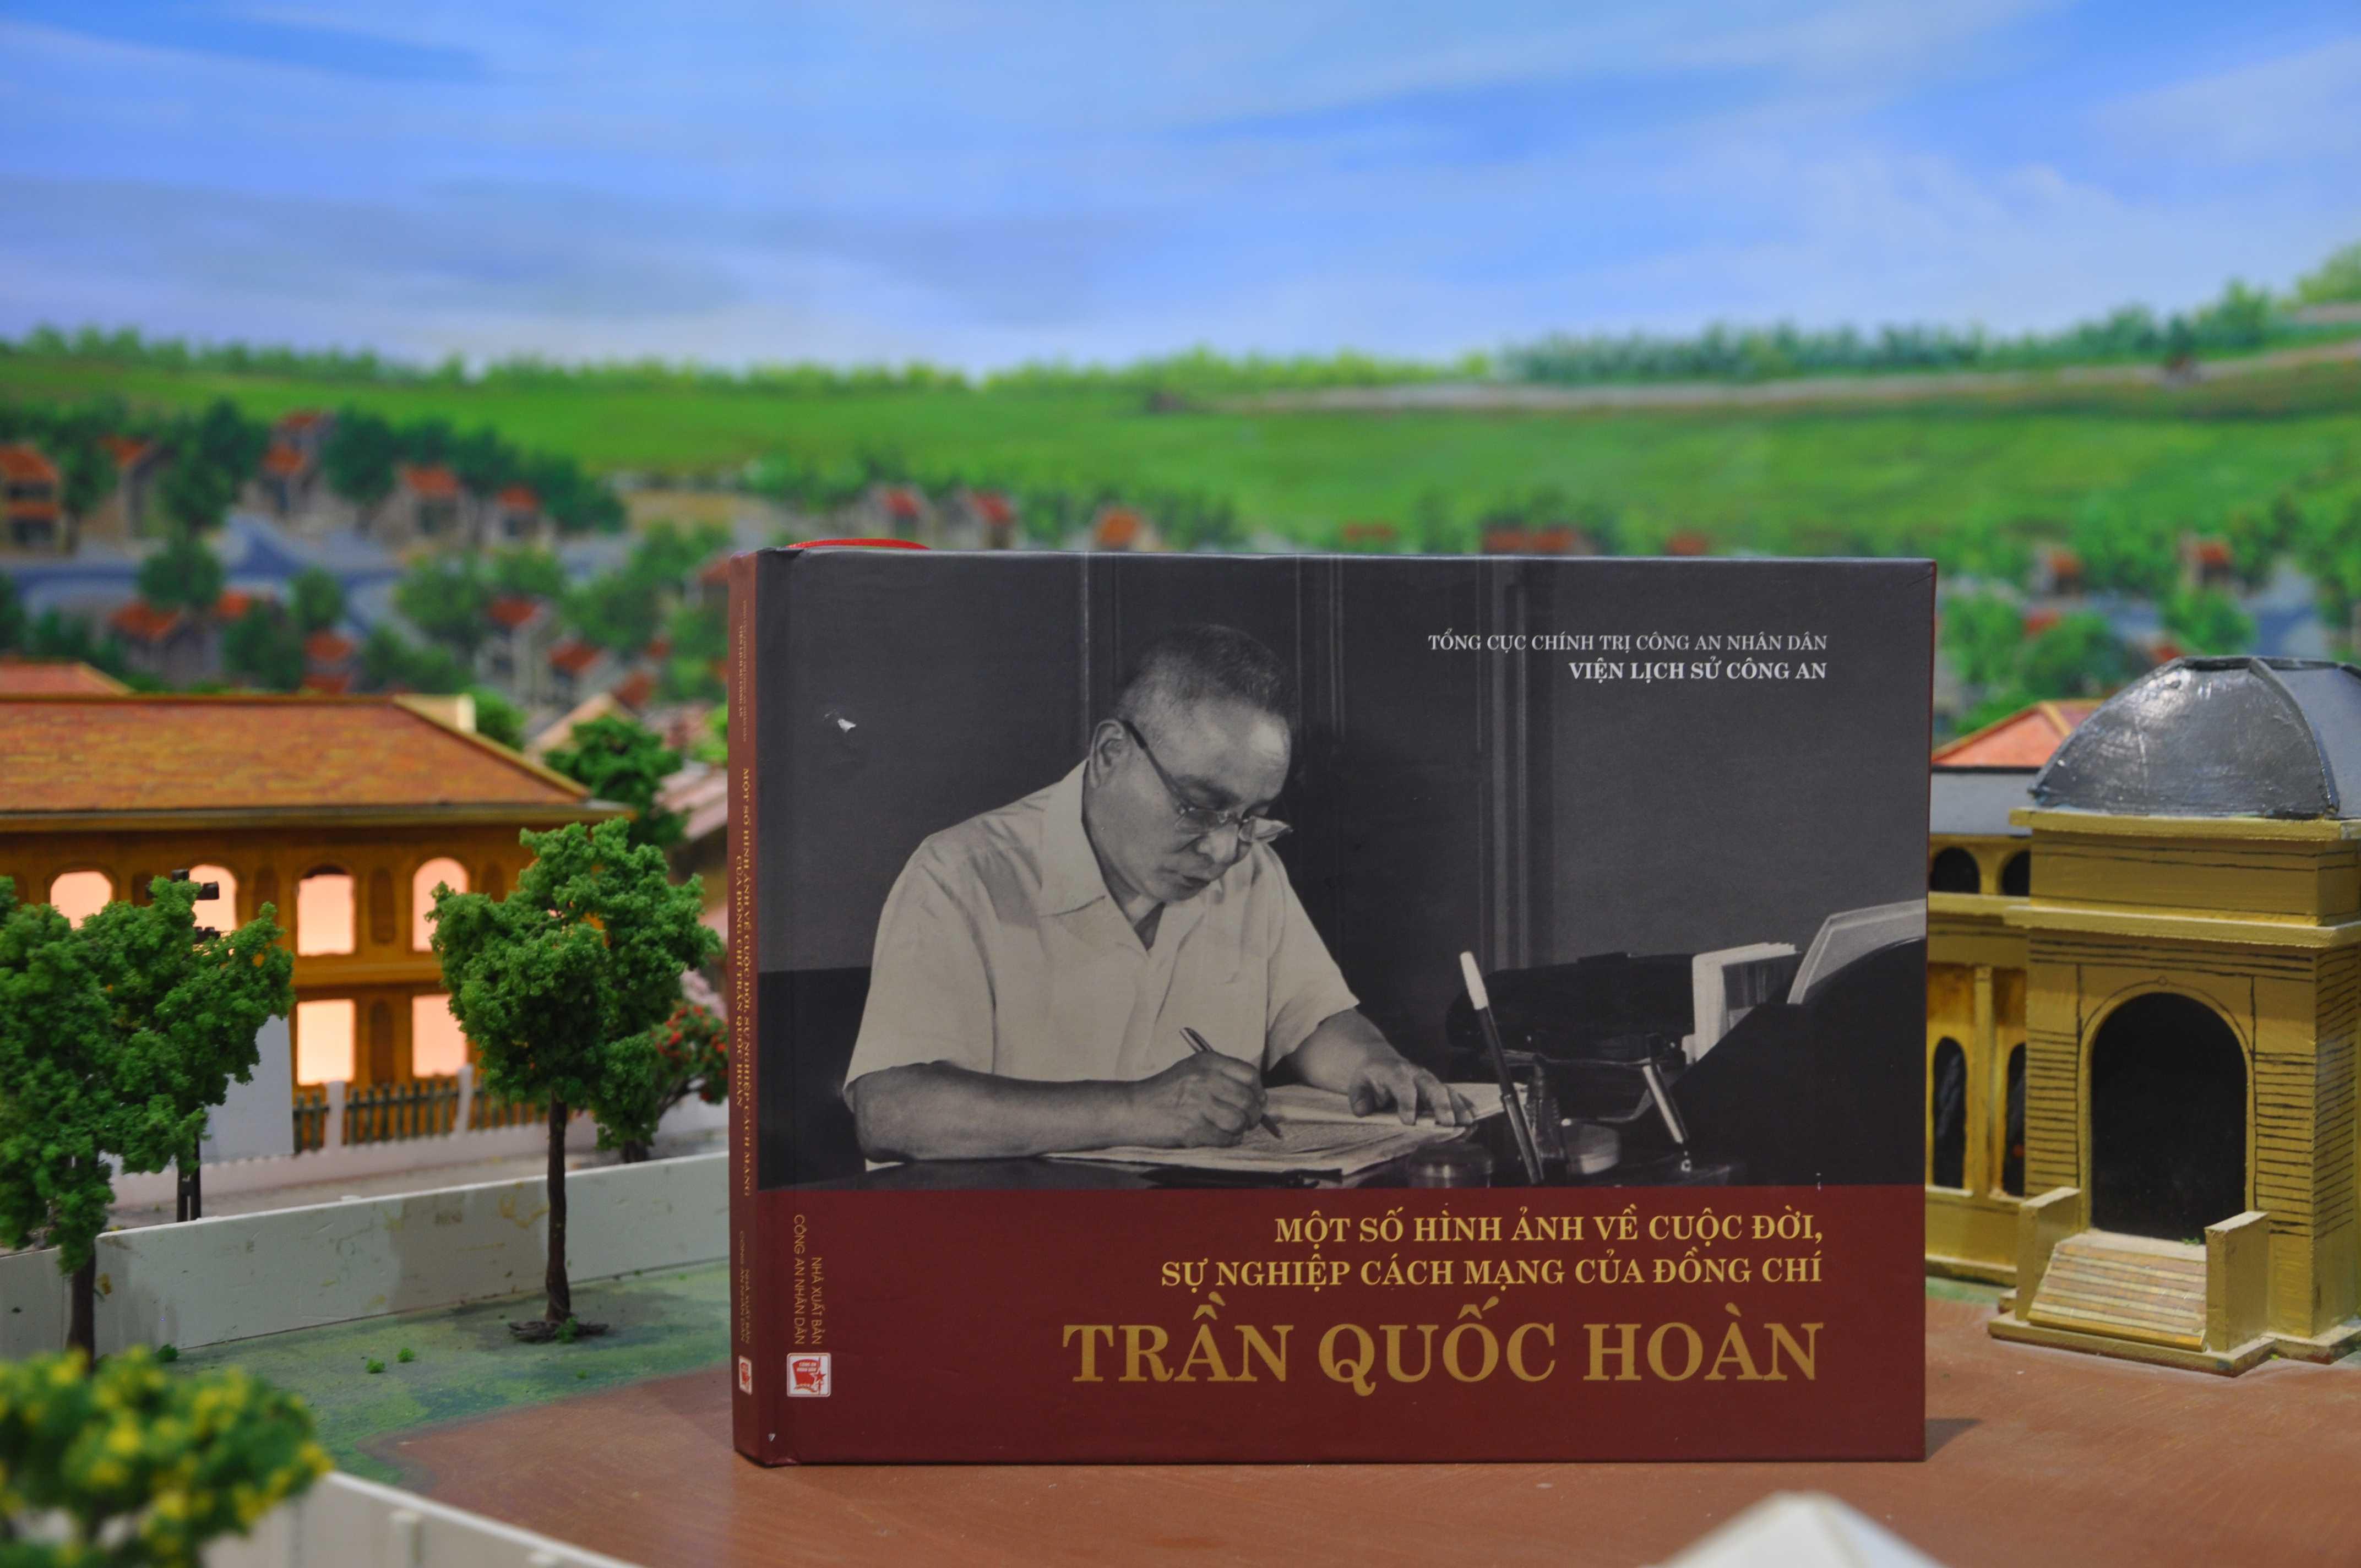 """Cuốn sách """"Một số hình ảnh về cuộc đời và sự nghiệp cách mạng của đồng chí Trần Quốc Hoàn"""""""